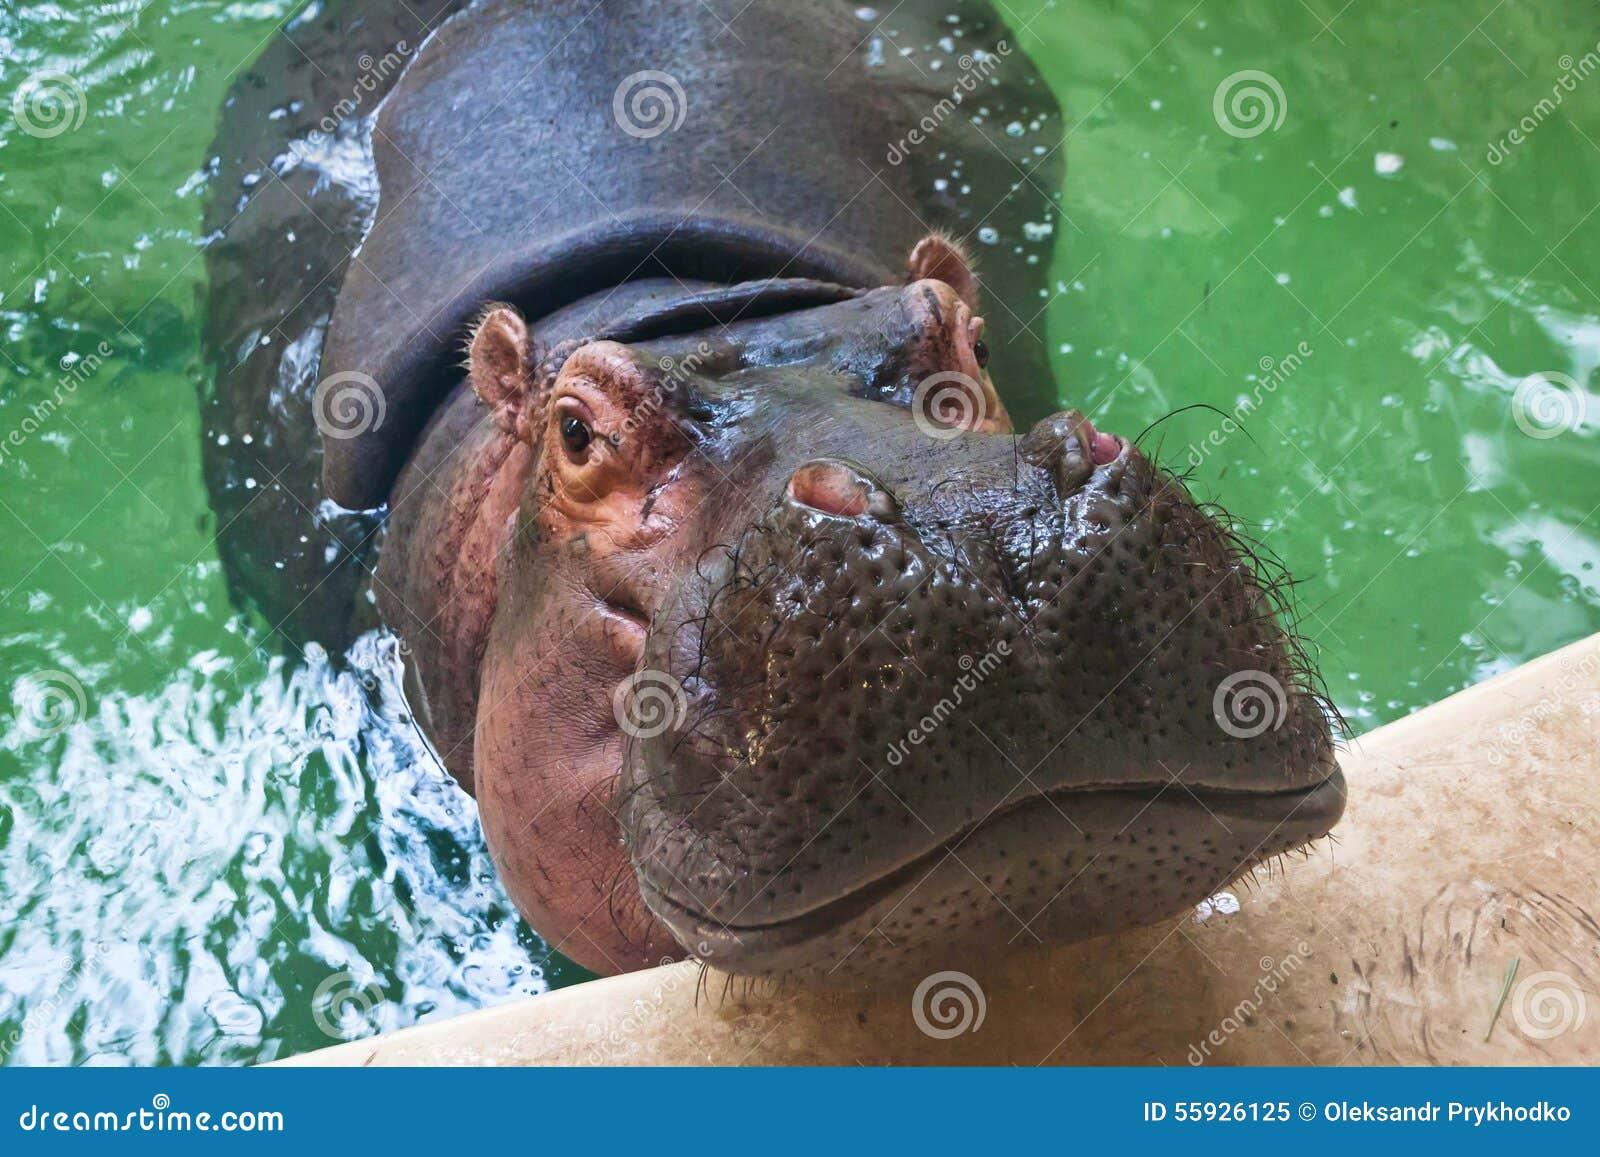 Natation adulte d 39 hippopotame dans une piscine image stock for Apprendre a plonger dans une piscine